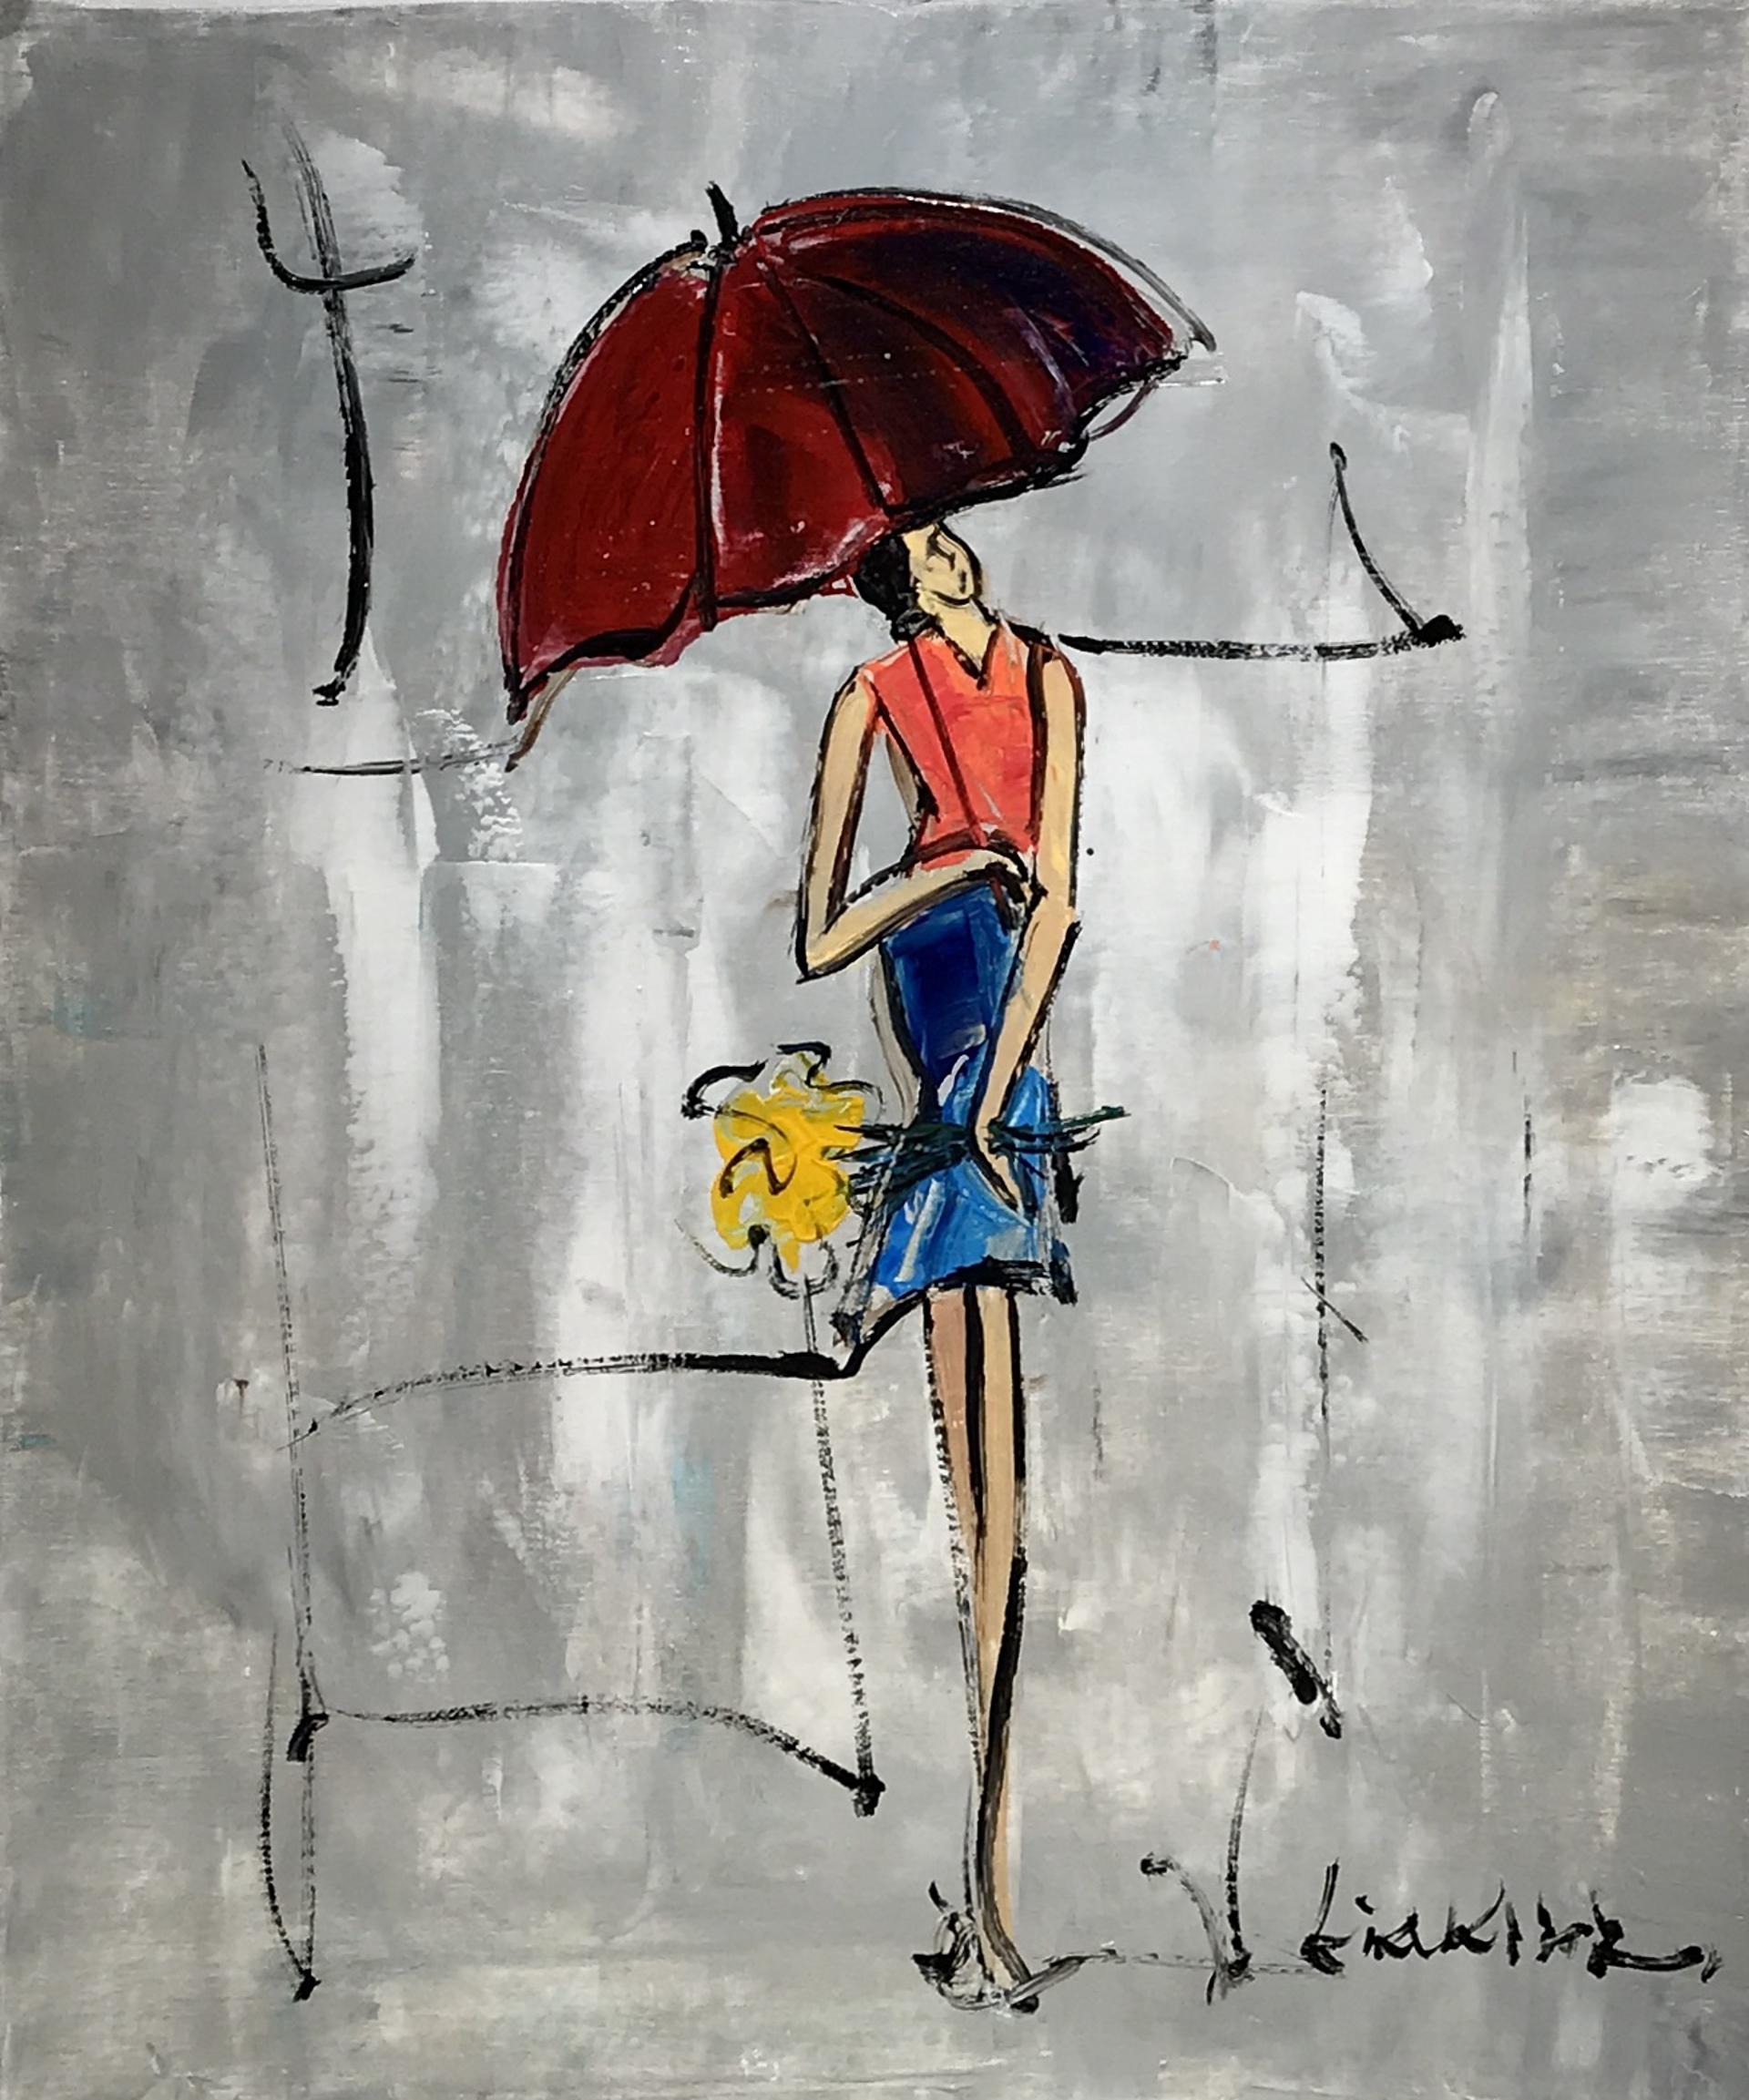 ORANGE BLOUSE  RED UMBRELLA by LIA KIM